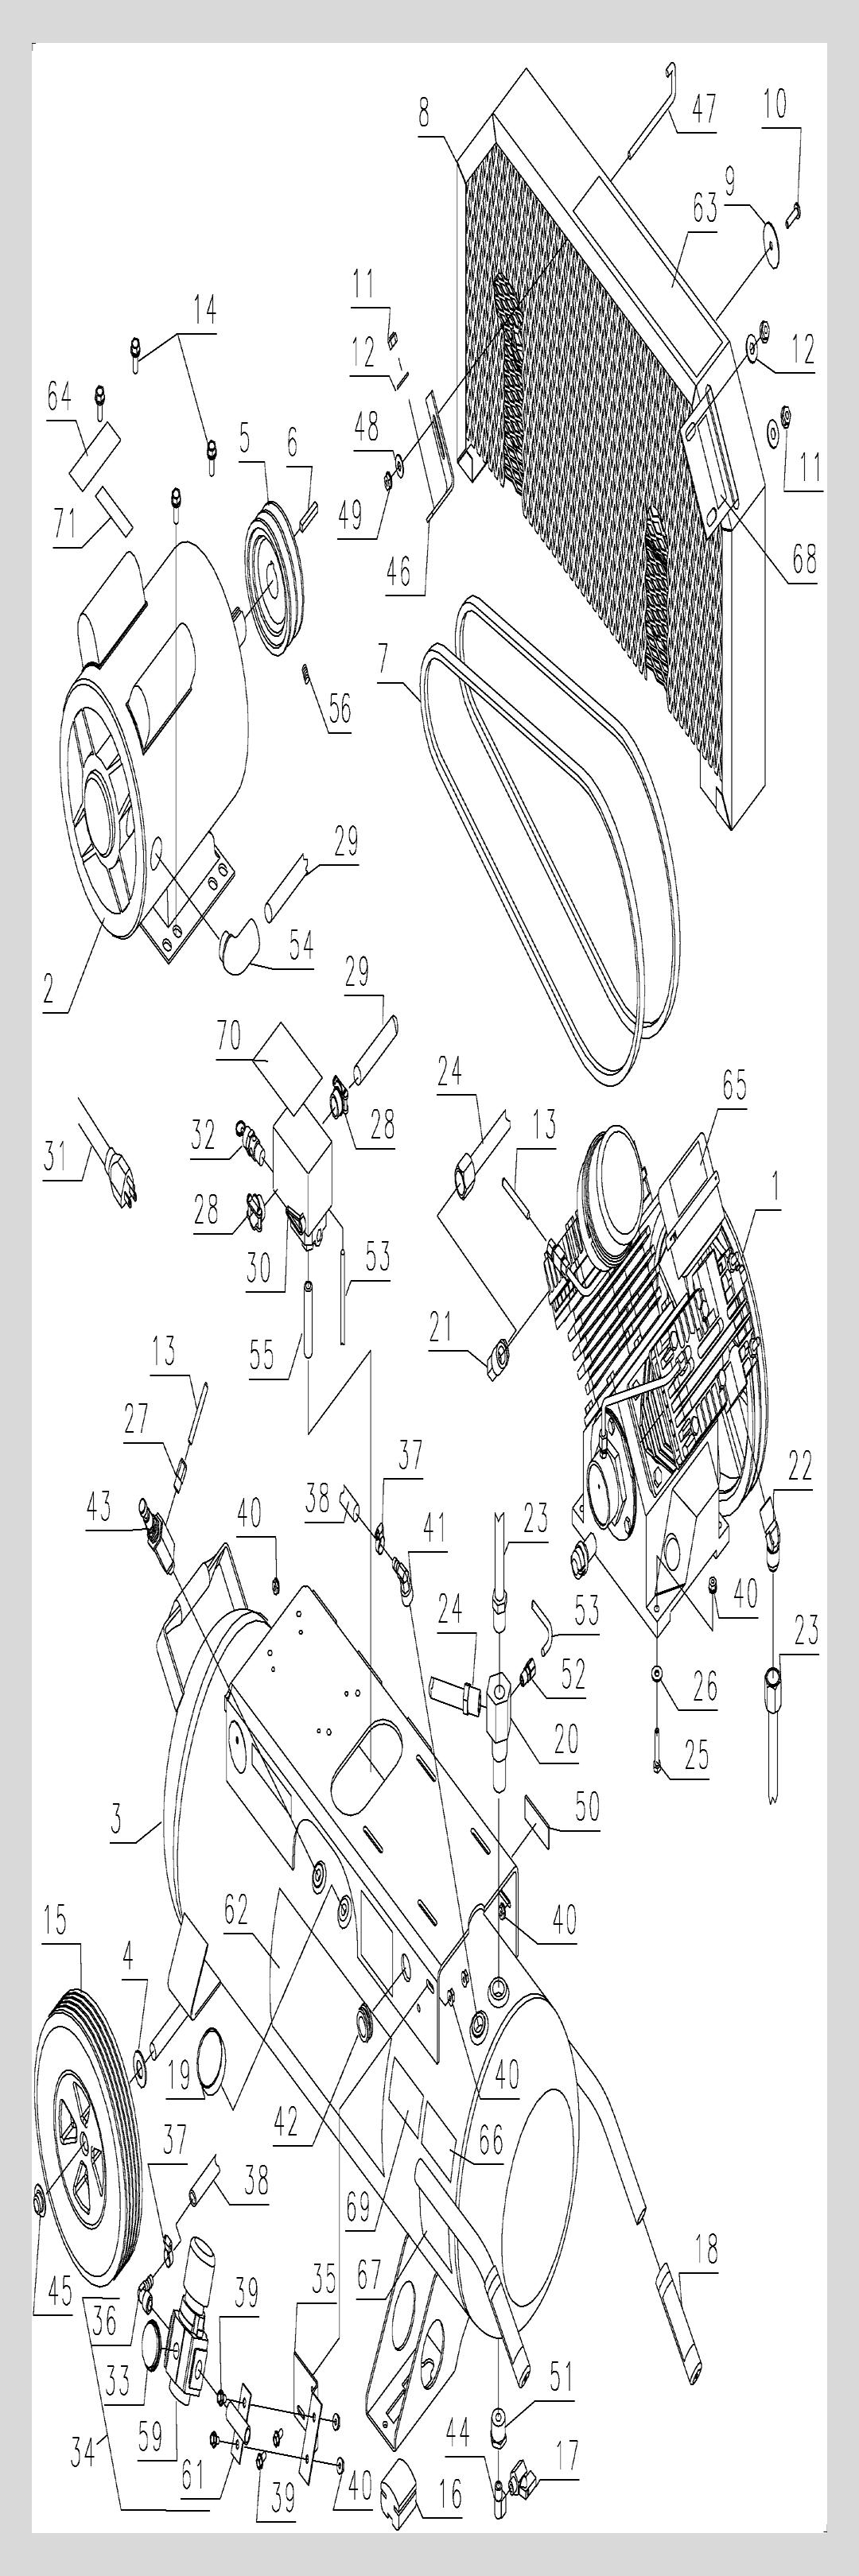 D55395-T1-Dewalt-PB-1Break Down